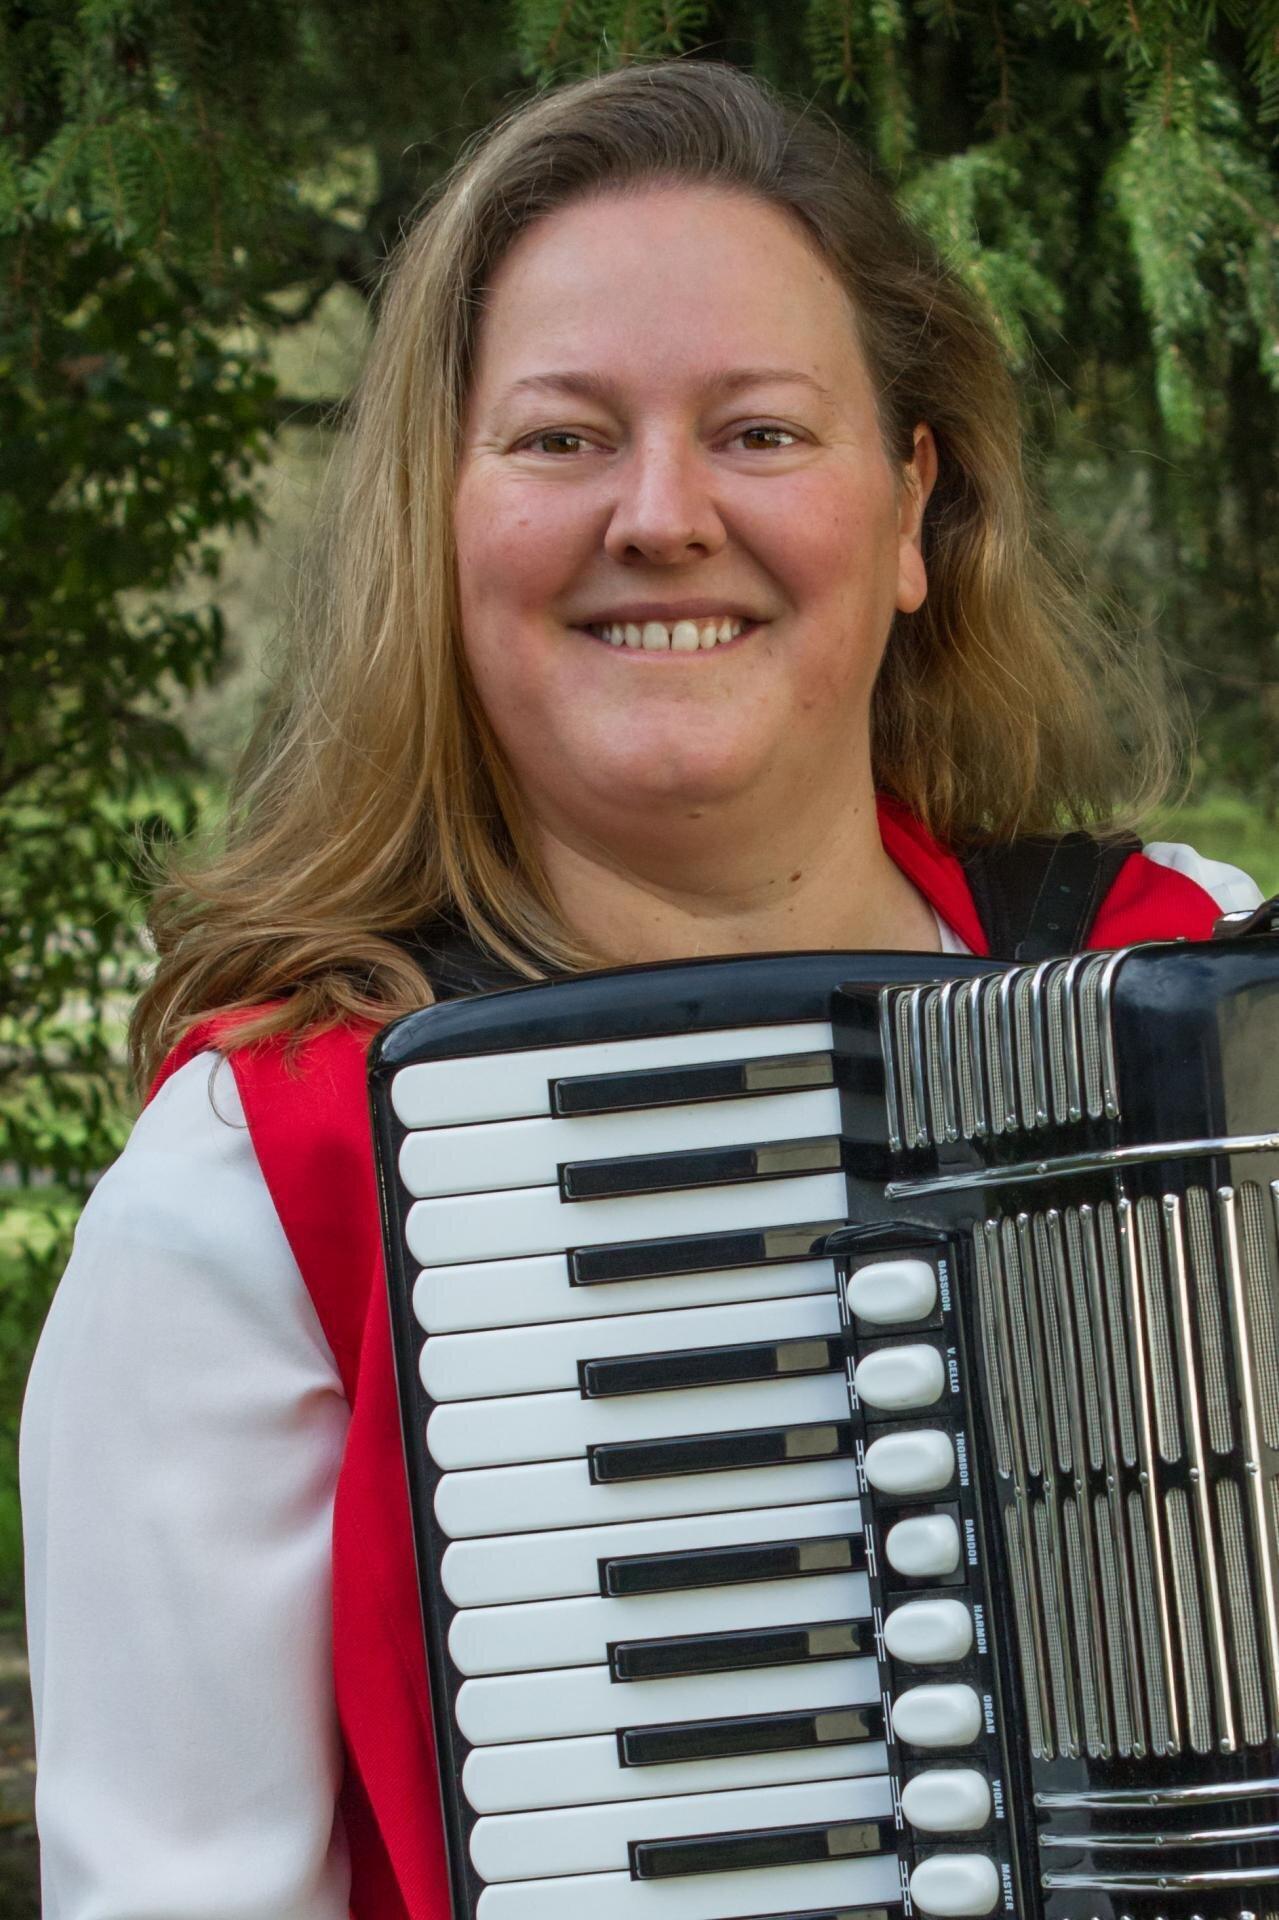 Daniela Straub